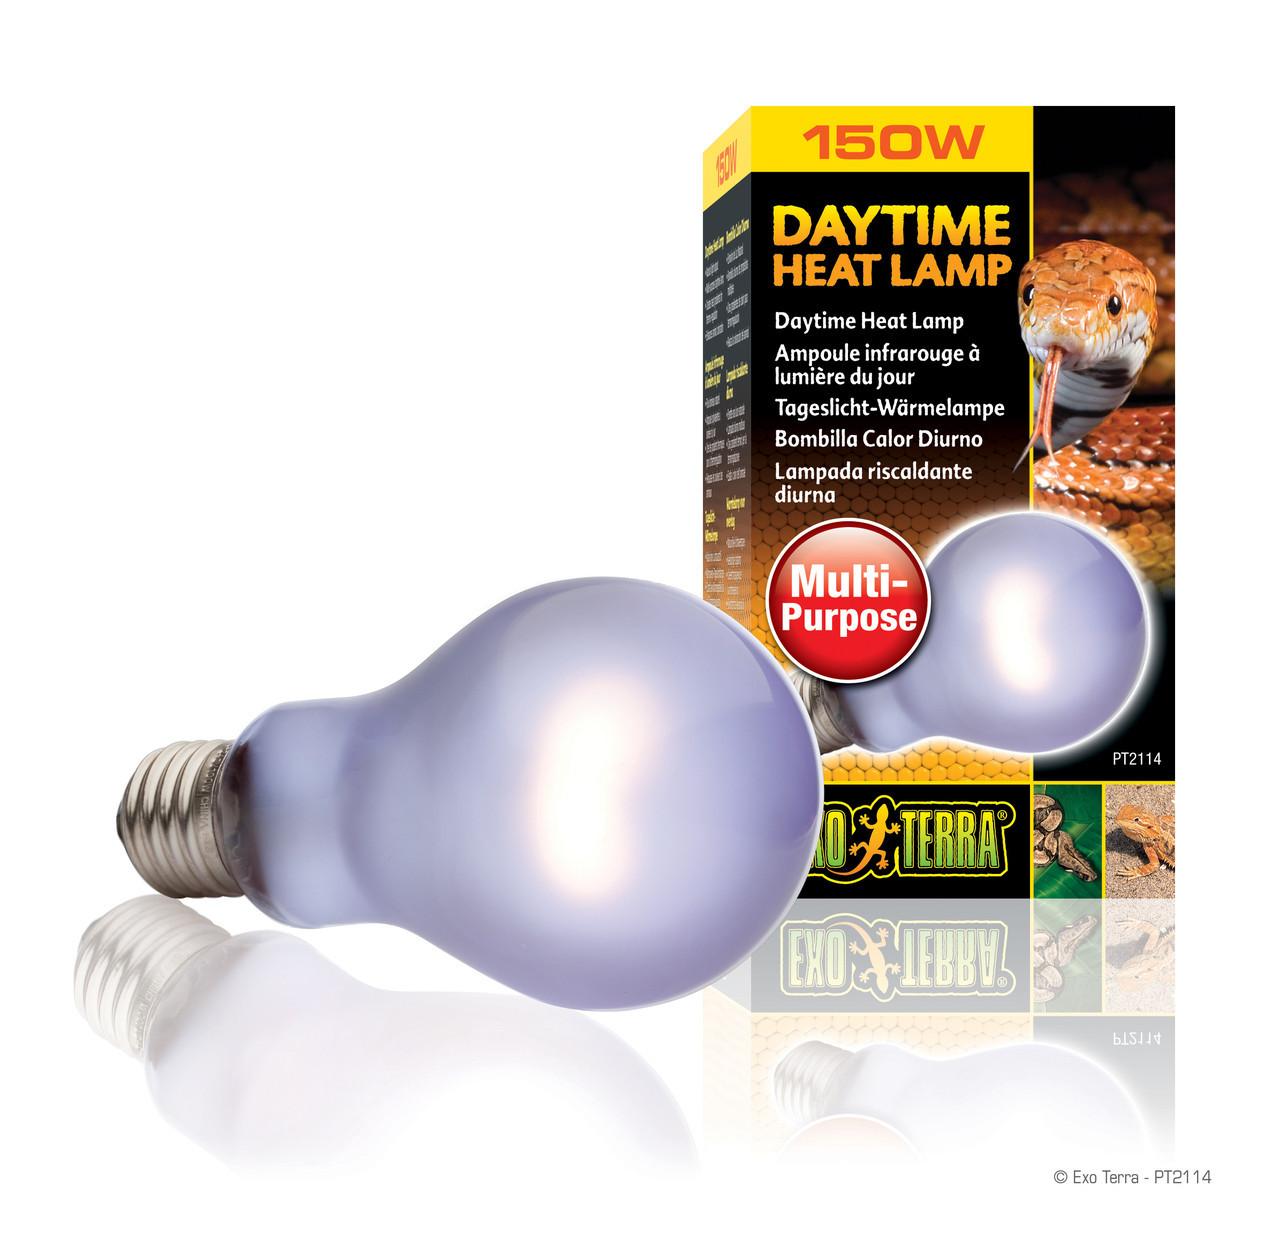 Лампа накаливания с неодимовой колбой Exo Terra «Daytime Heat Lamp» имитирующая дневной свет E27 150W (PT2114)